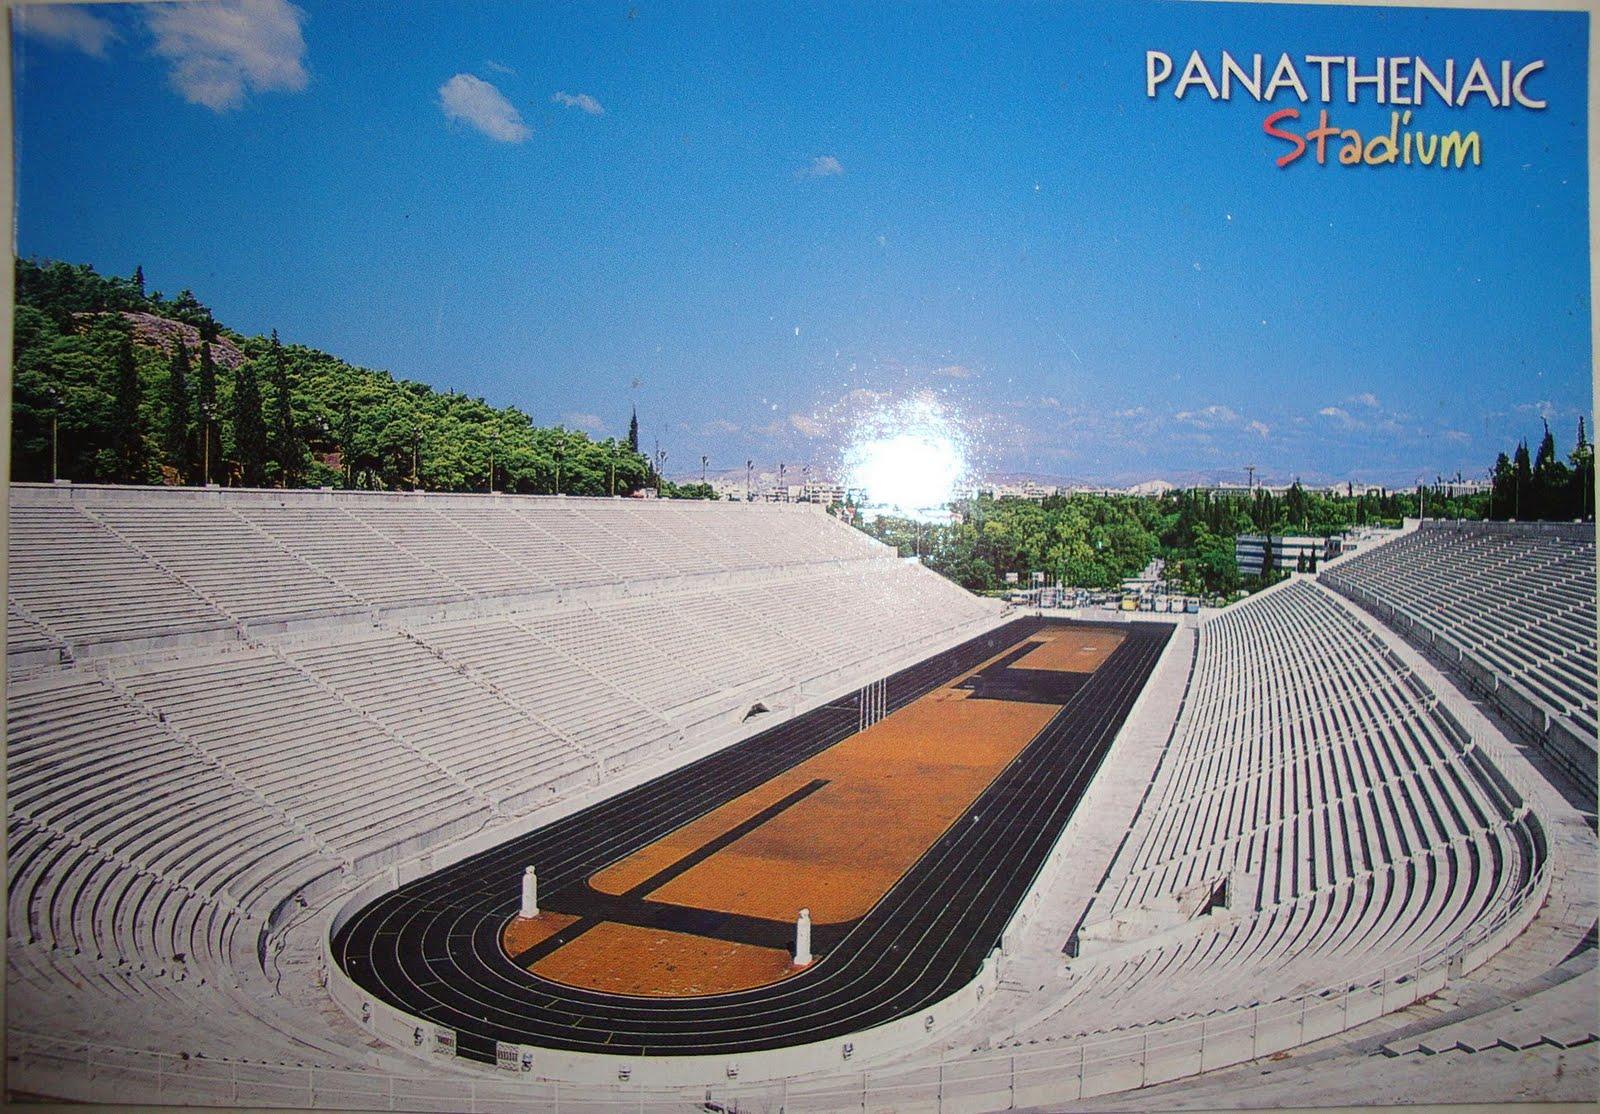 how to go to panathenaic stadium